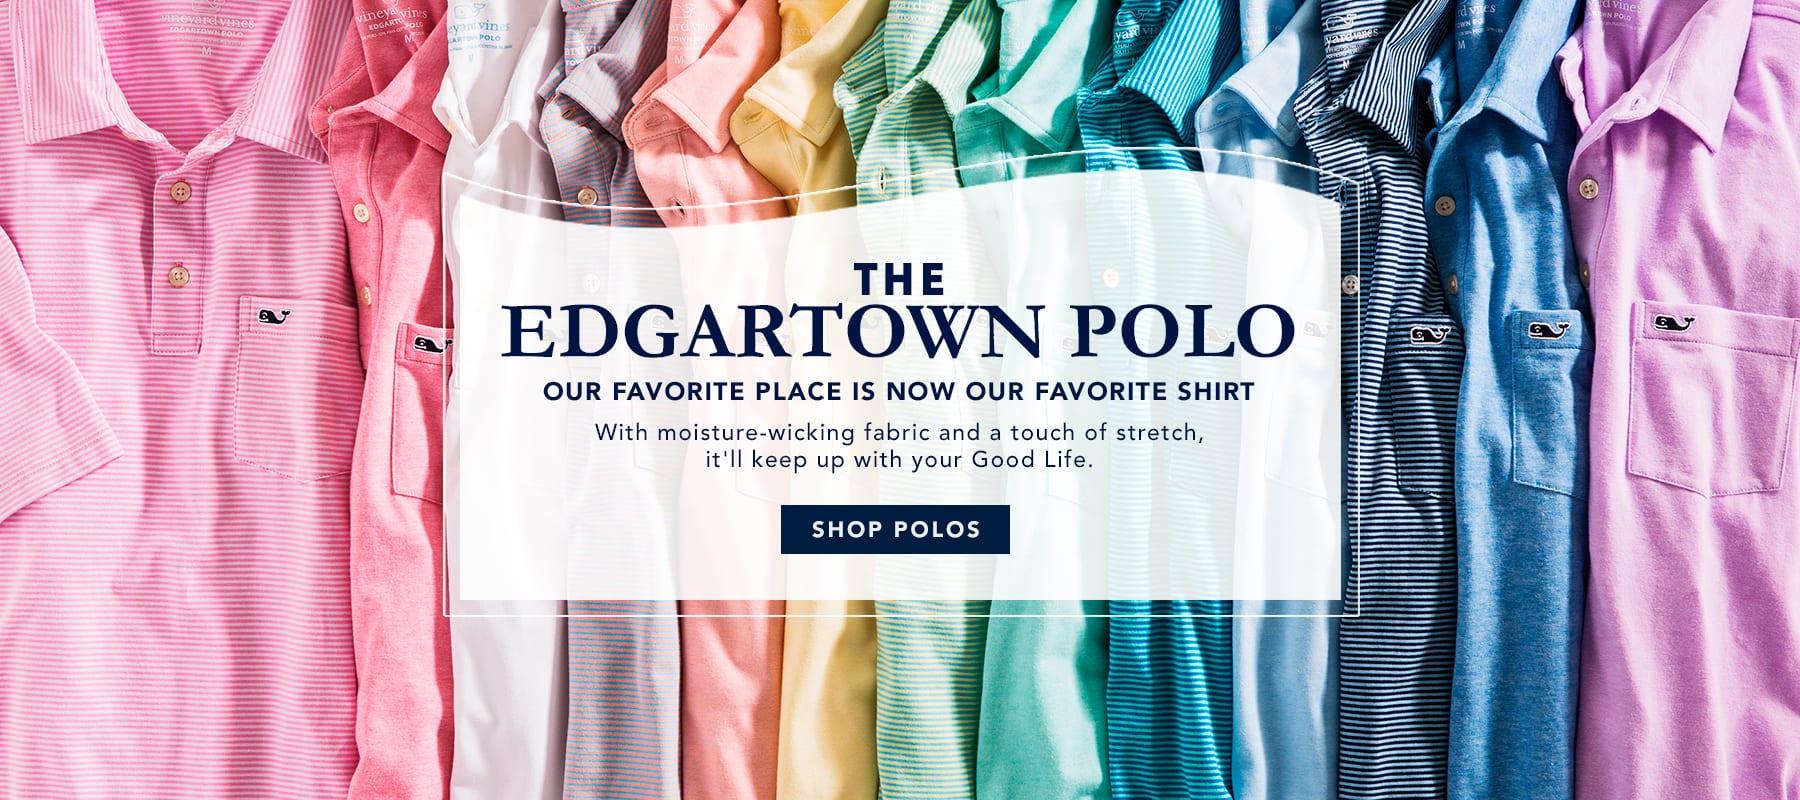 The Edgartown polo. Shop polos.